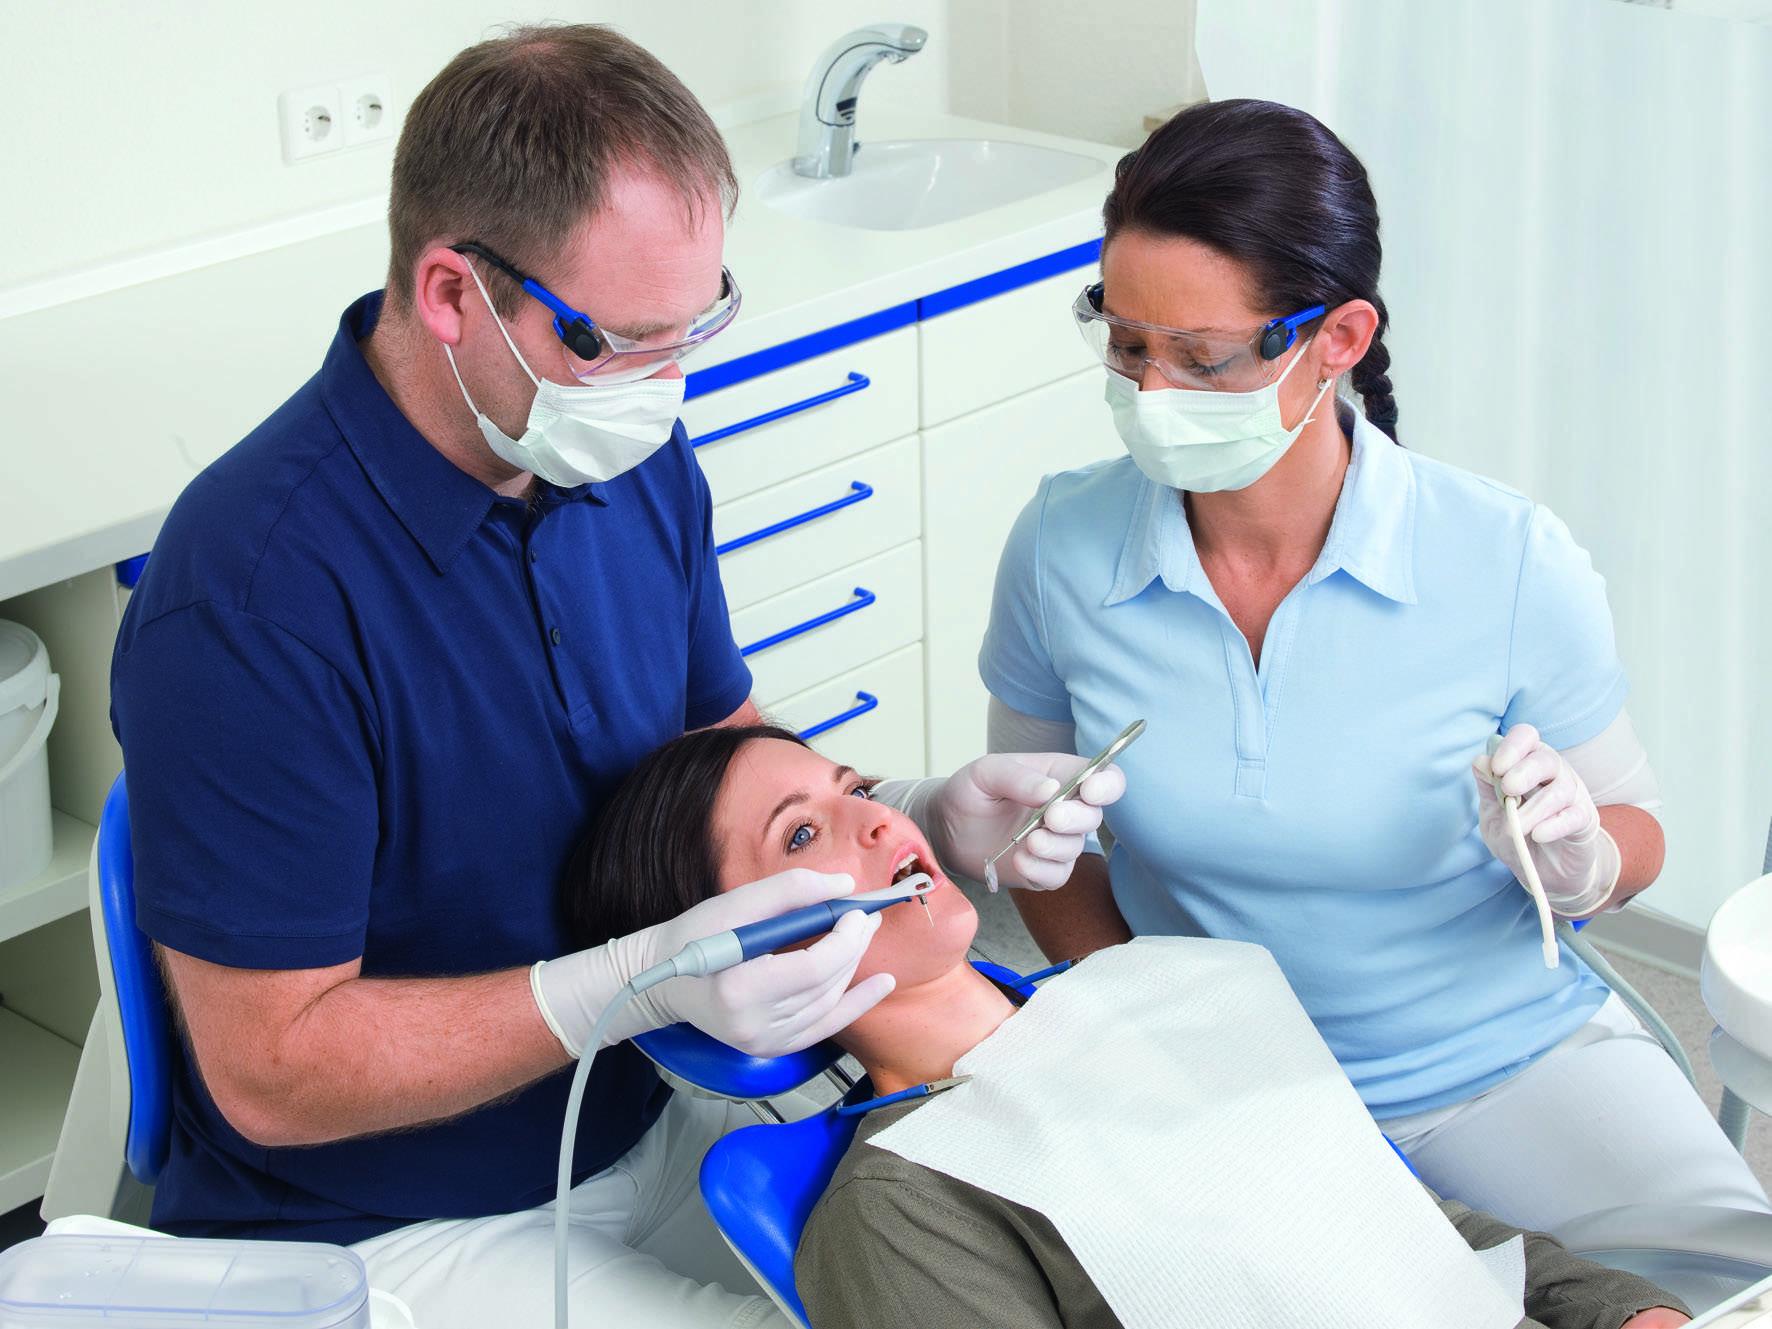 Чем отличается зубной врач от стоматолога? чем отличается стоматолог от дантиста?